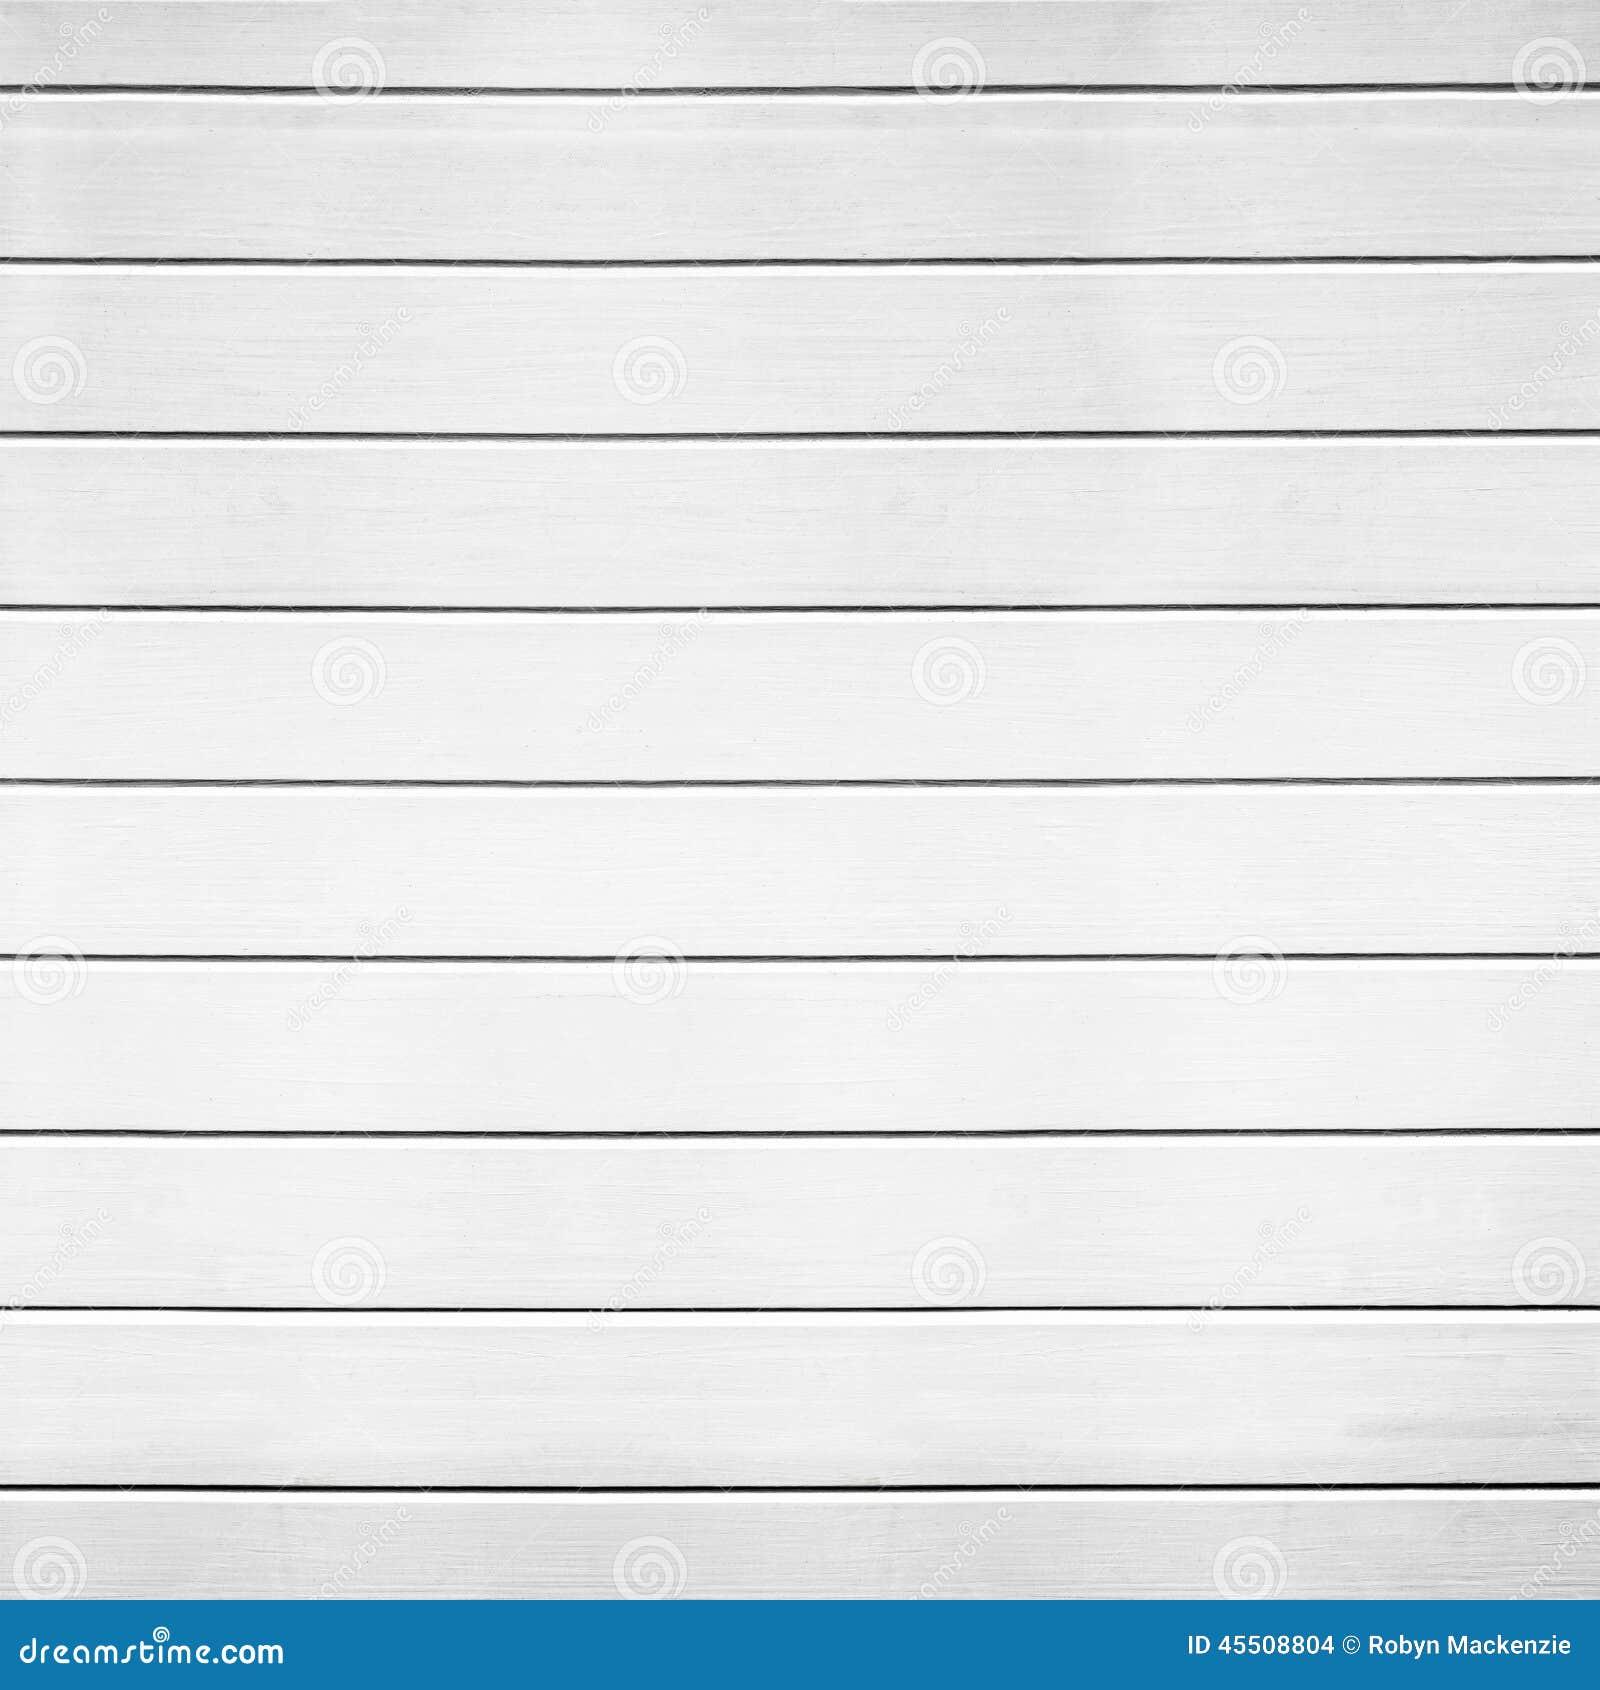 White Wood Panel Background - White Wood Panel Background Stock Photo - Image: 45508804